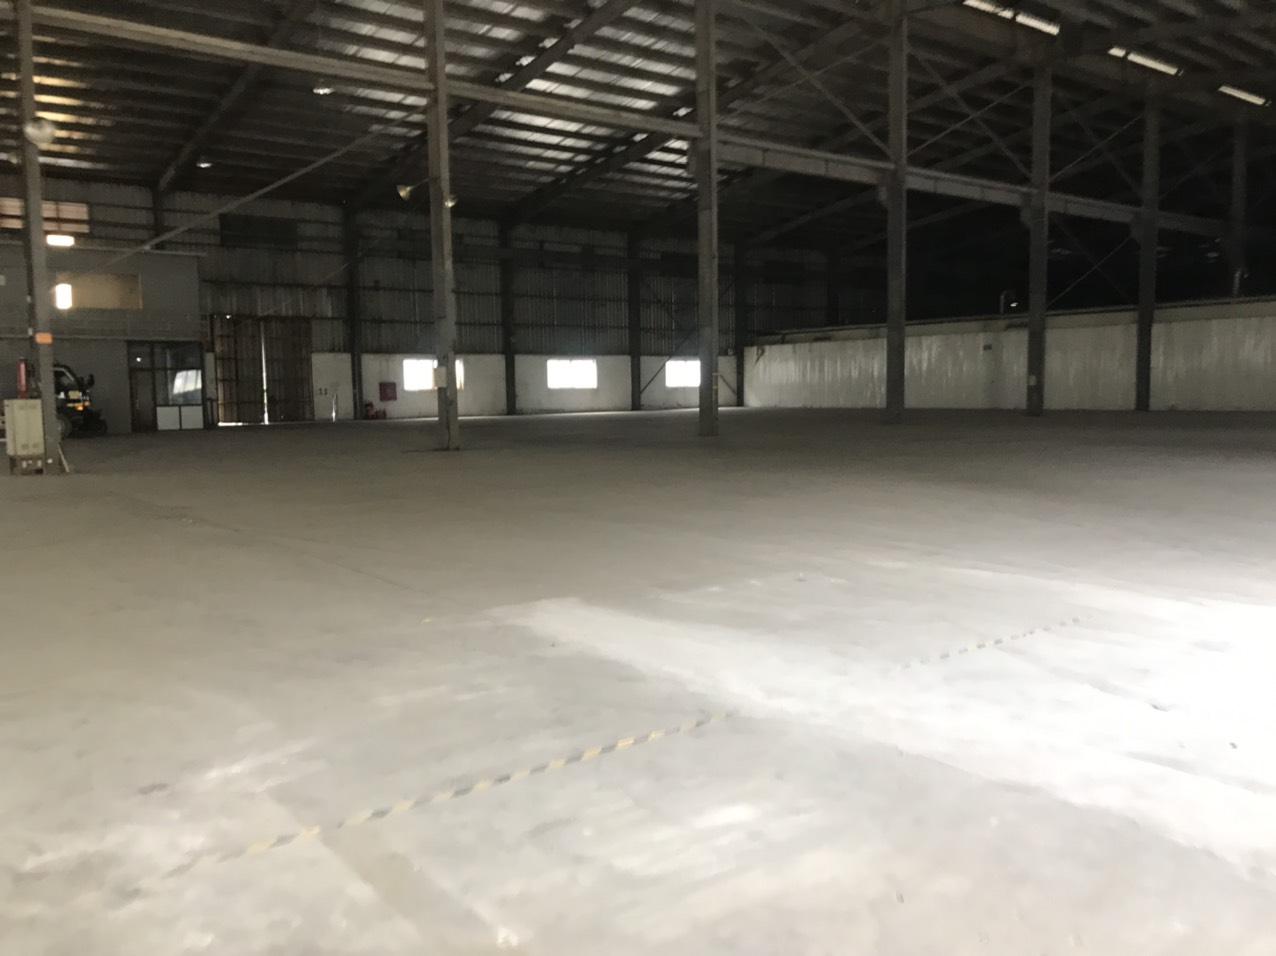 bán nhà xưởng trong KCN Đại Đồng, dt 3000m2 đã có sẵn xưởng 2200m2